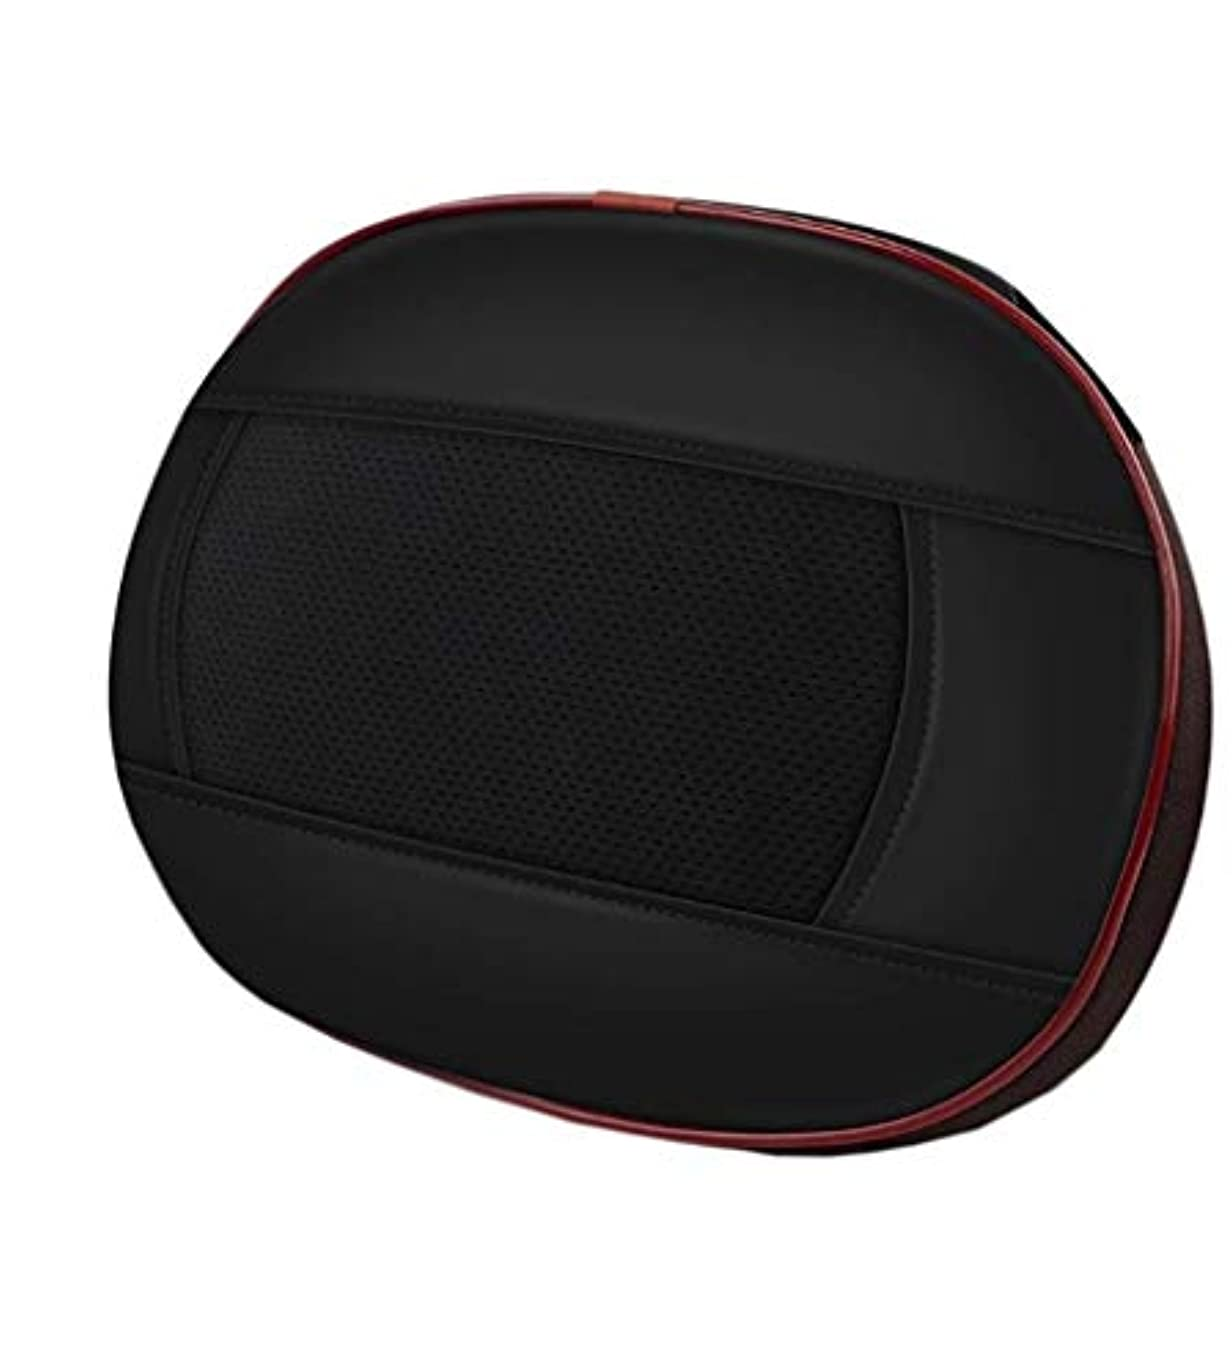 消化ペデスタル確認してくださいネックマッサージャー、フィンガープレスネックマッサージピロー、多機能マッサージモード、スマートボタン、20強度、15分のタイミング、ホームオフィス用